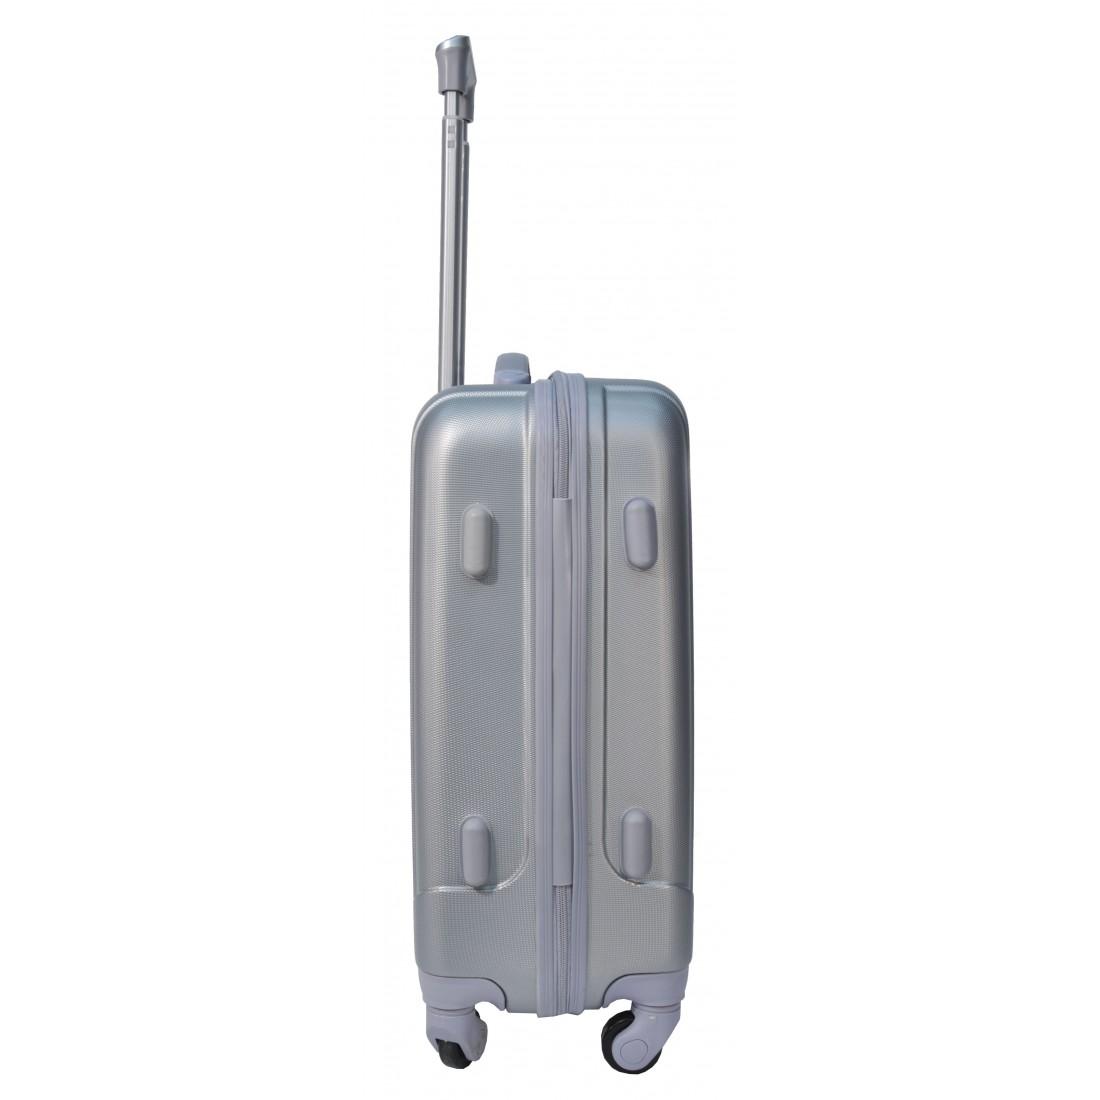 Walizka mała srebrna ABS - plecak-tornister.pl